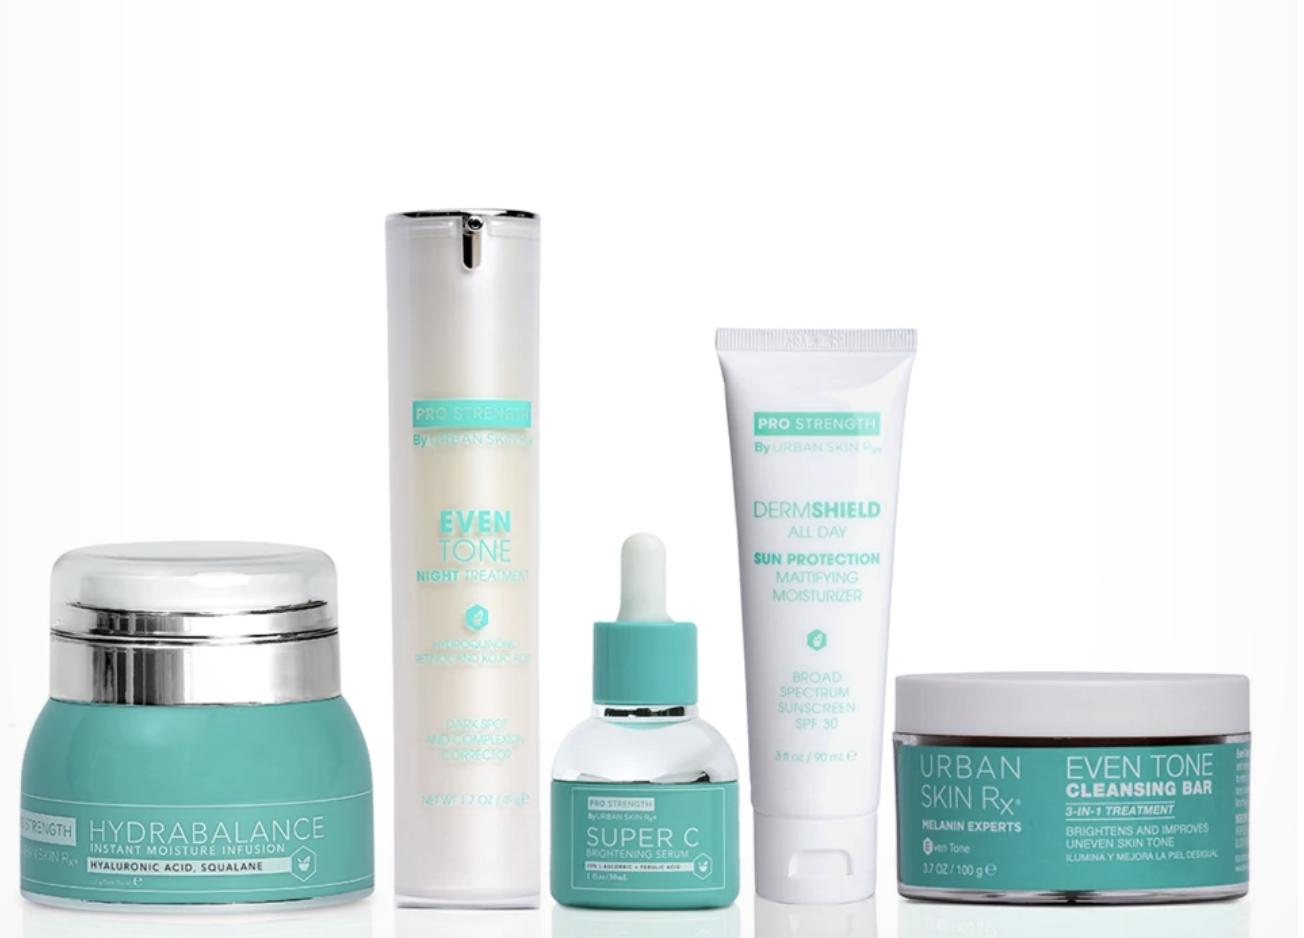 Urban Skin Rx Dark Spot And Even Skin Tone Essentials